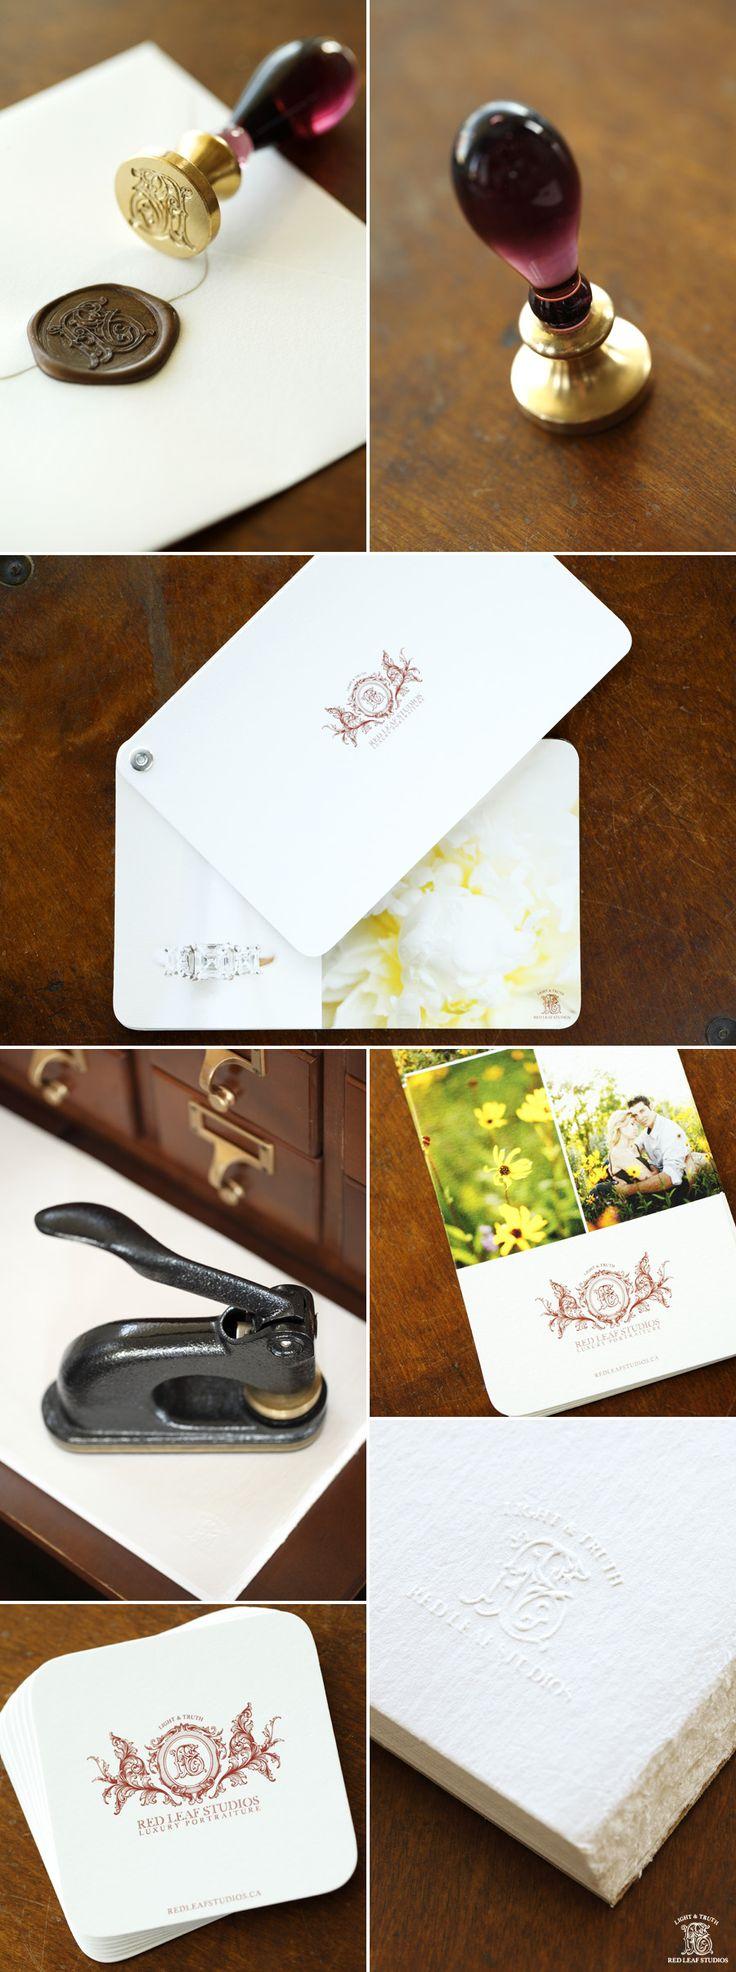 monogram wedding envelope seals sticker%0A luxury  I have always loved wax seals  u     embossing